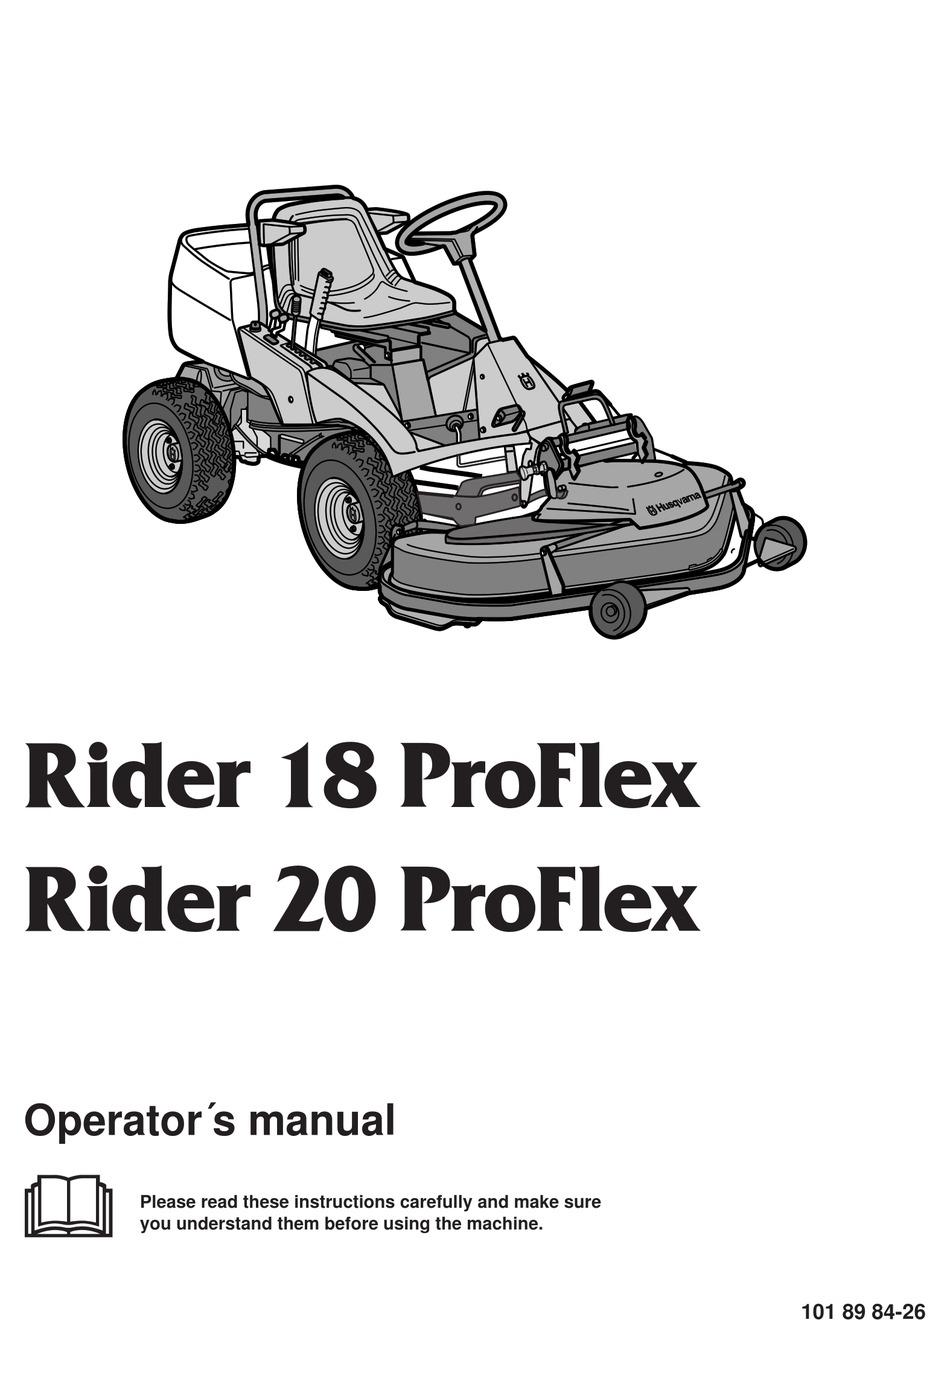 HUSQVARNA PROFLEX 18 PROFLEX, 20 PROFLEX OPERATOR'S MANUAL